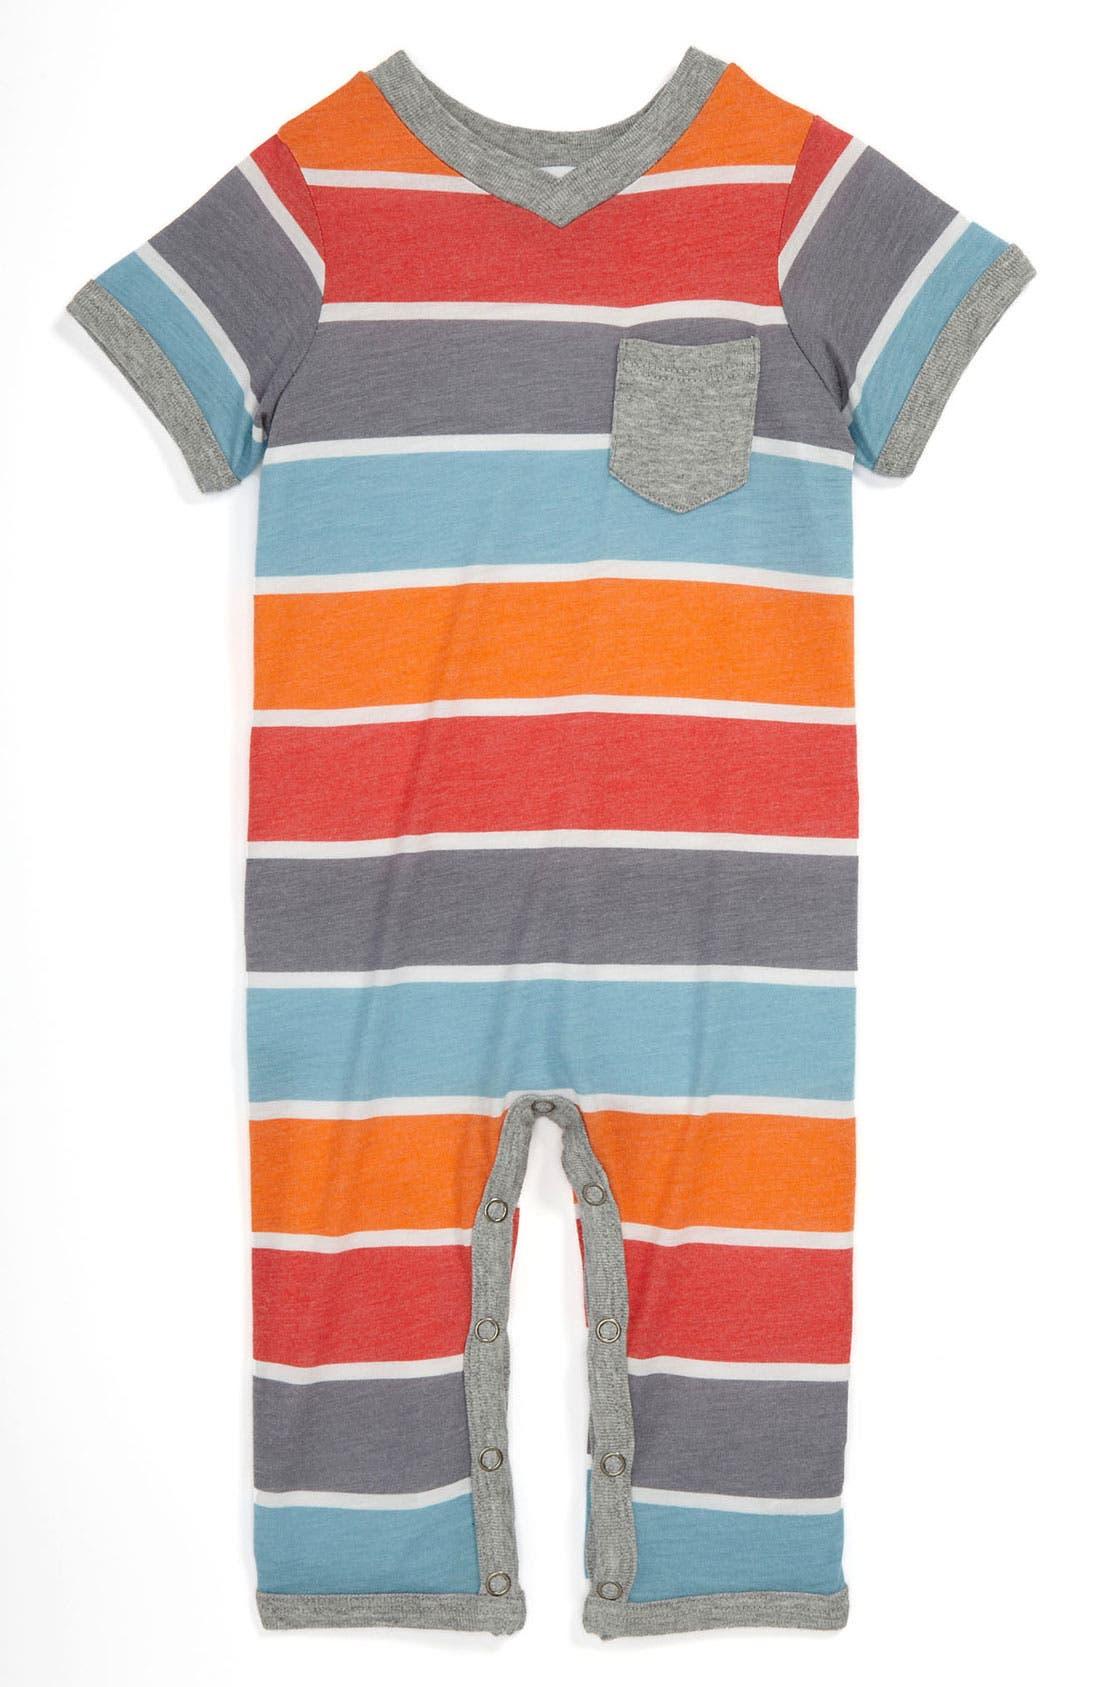 Alternate Image 1 Selected - Splendid Short Sleeve Romper (Infant)